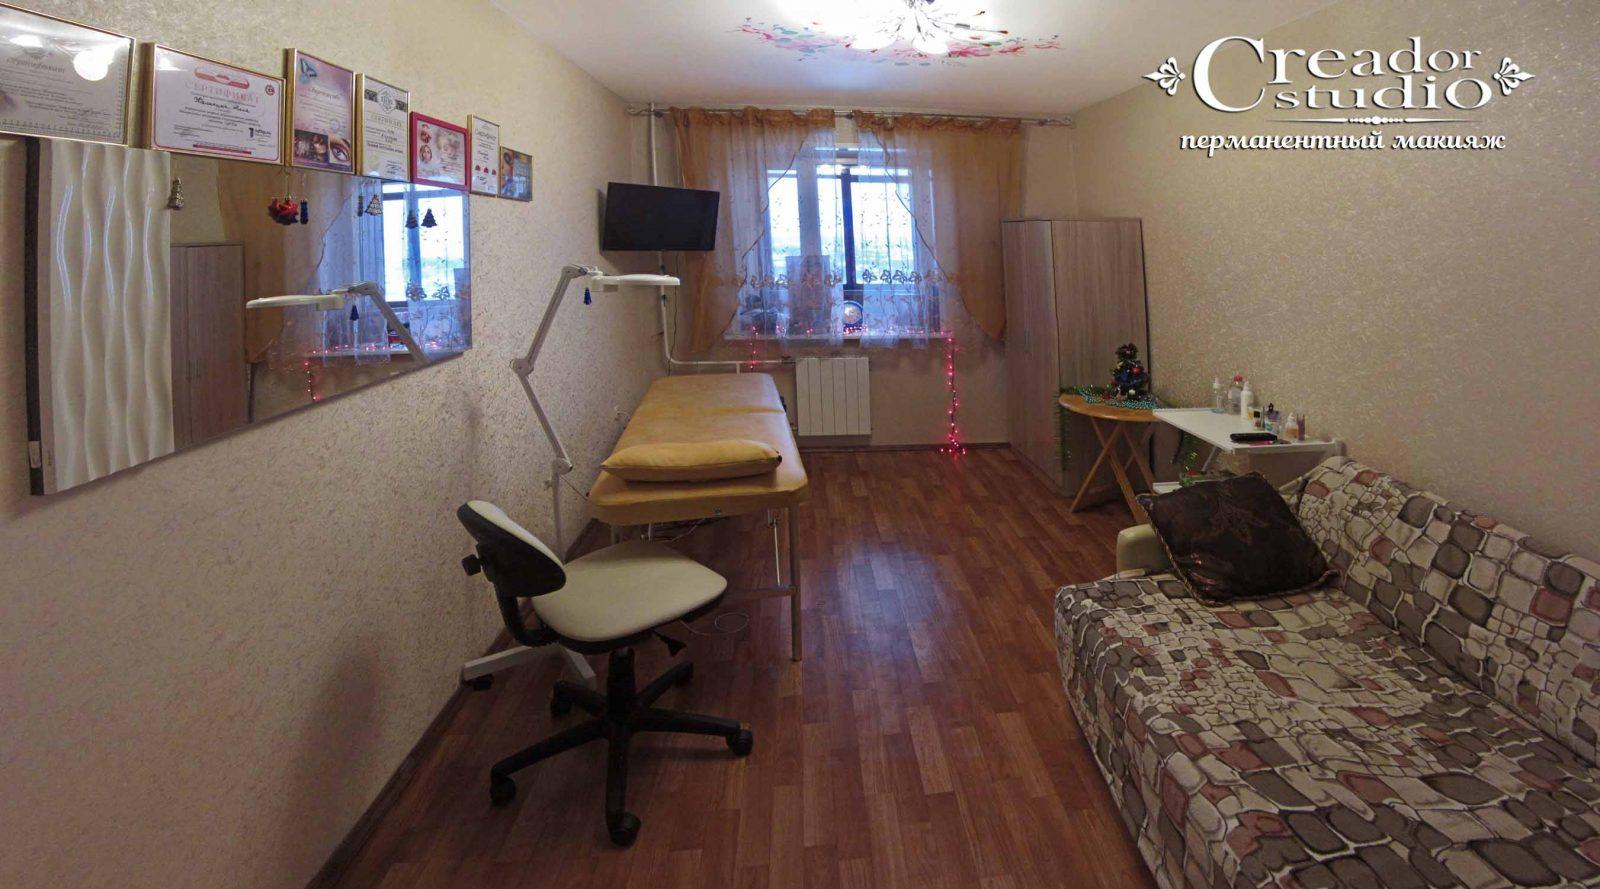 Кабинет студии перманентного макияжа CREADOR в Одинцово